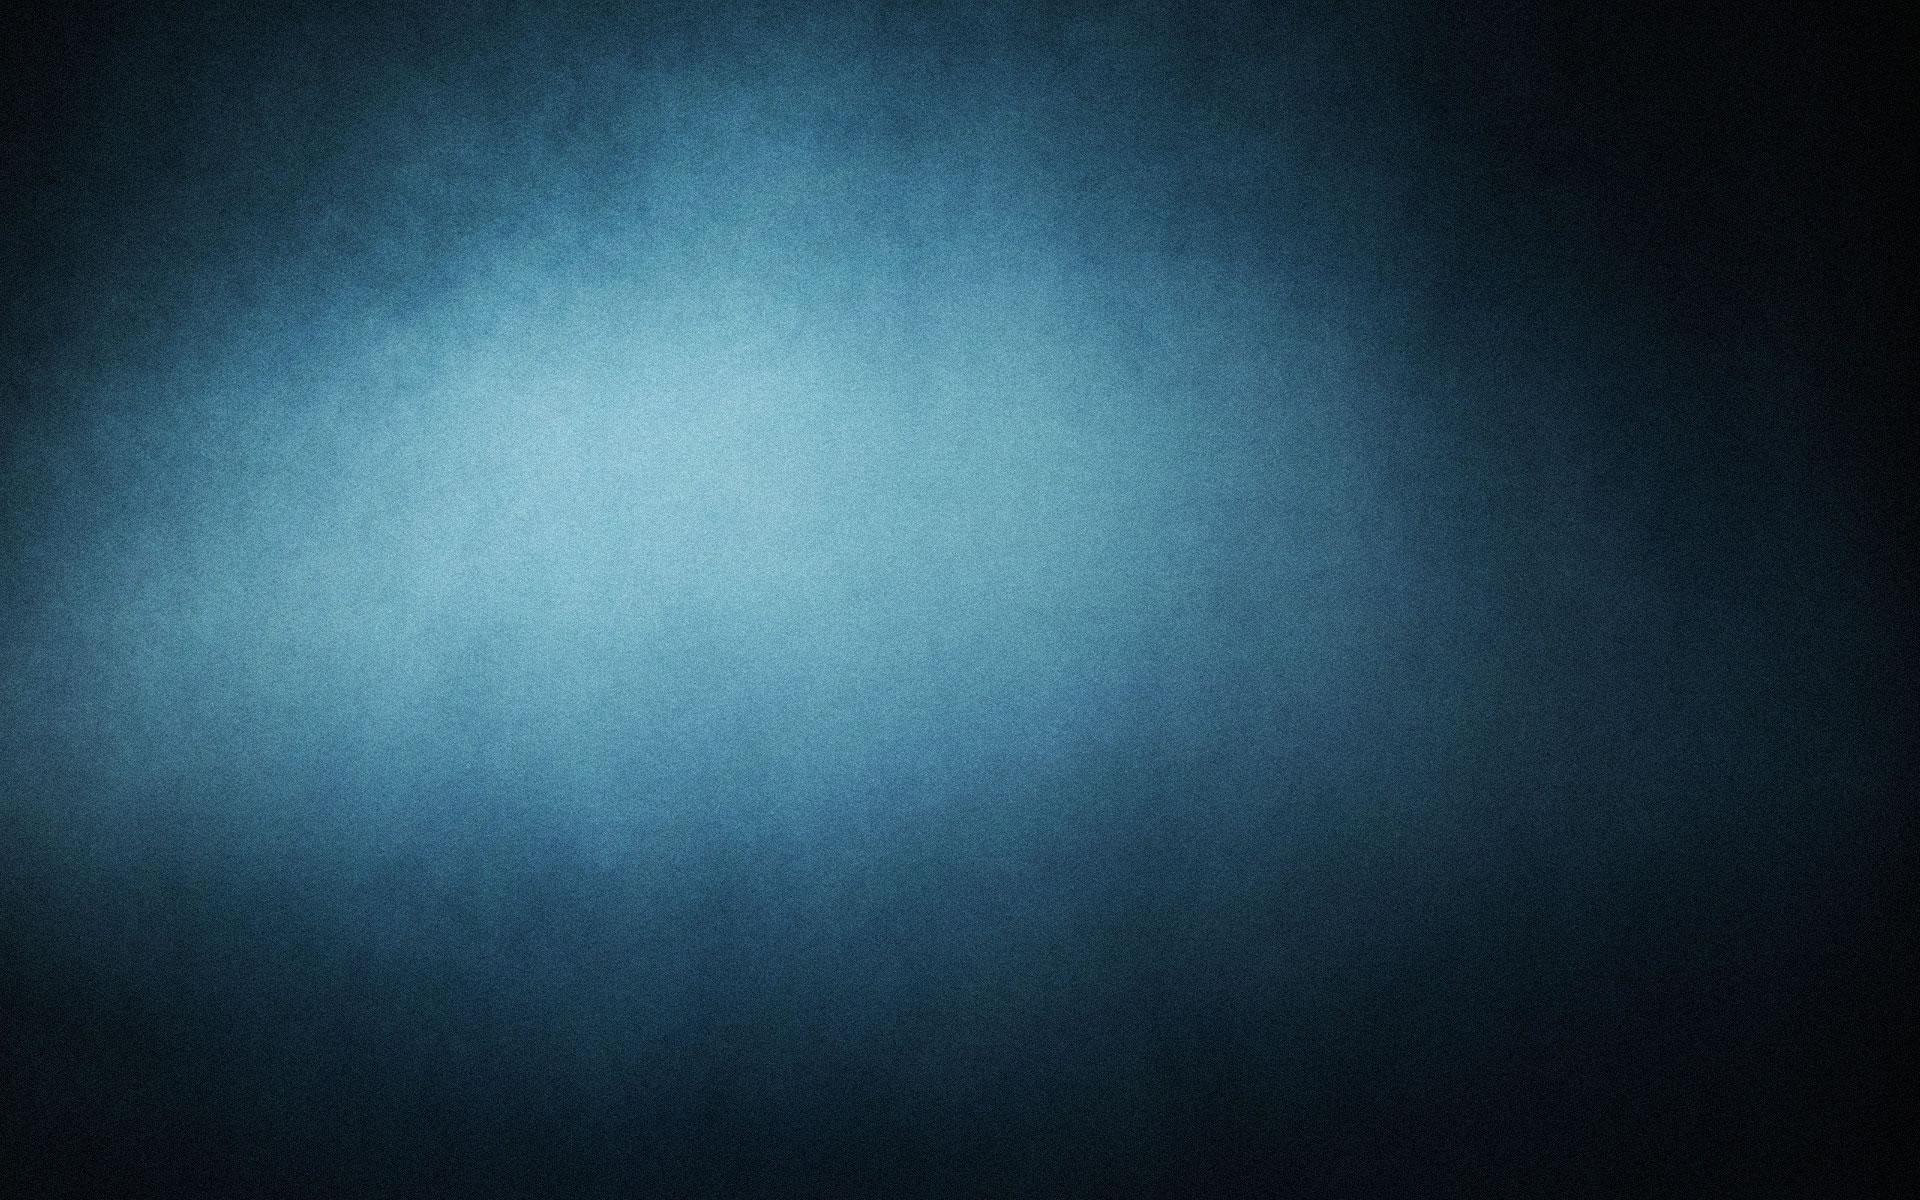 Fondo Degradado Azul